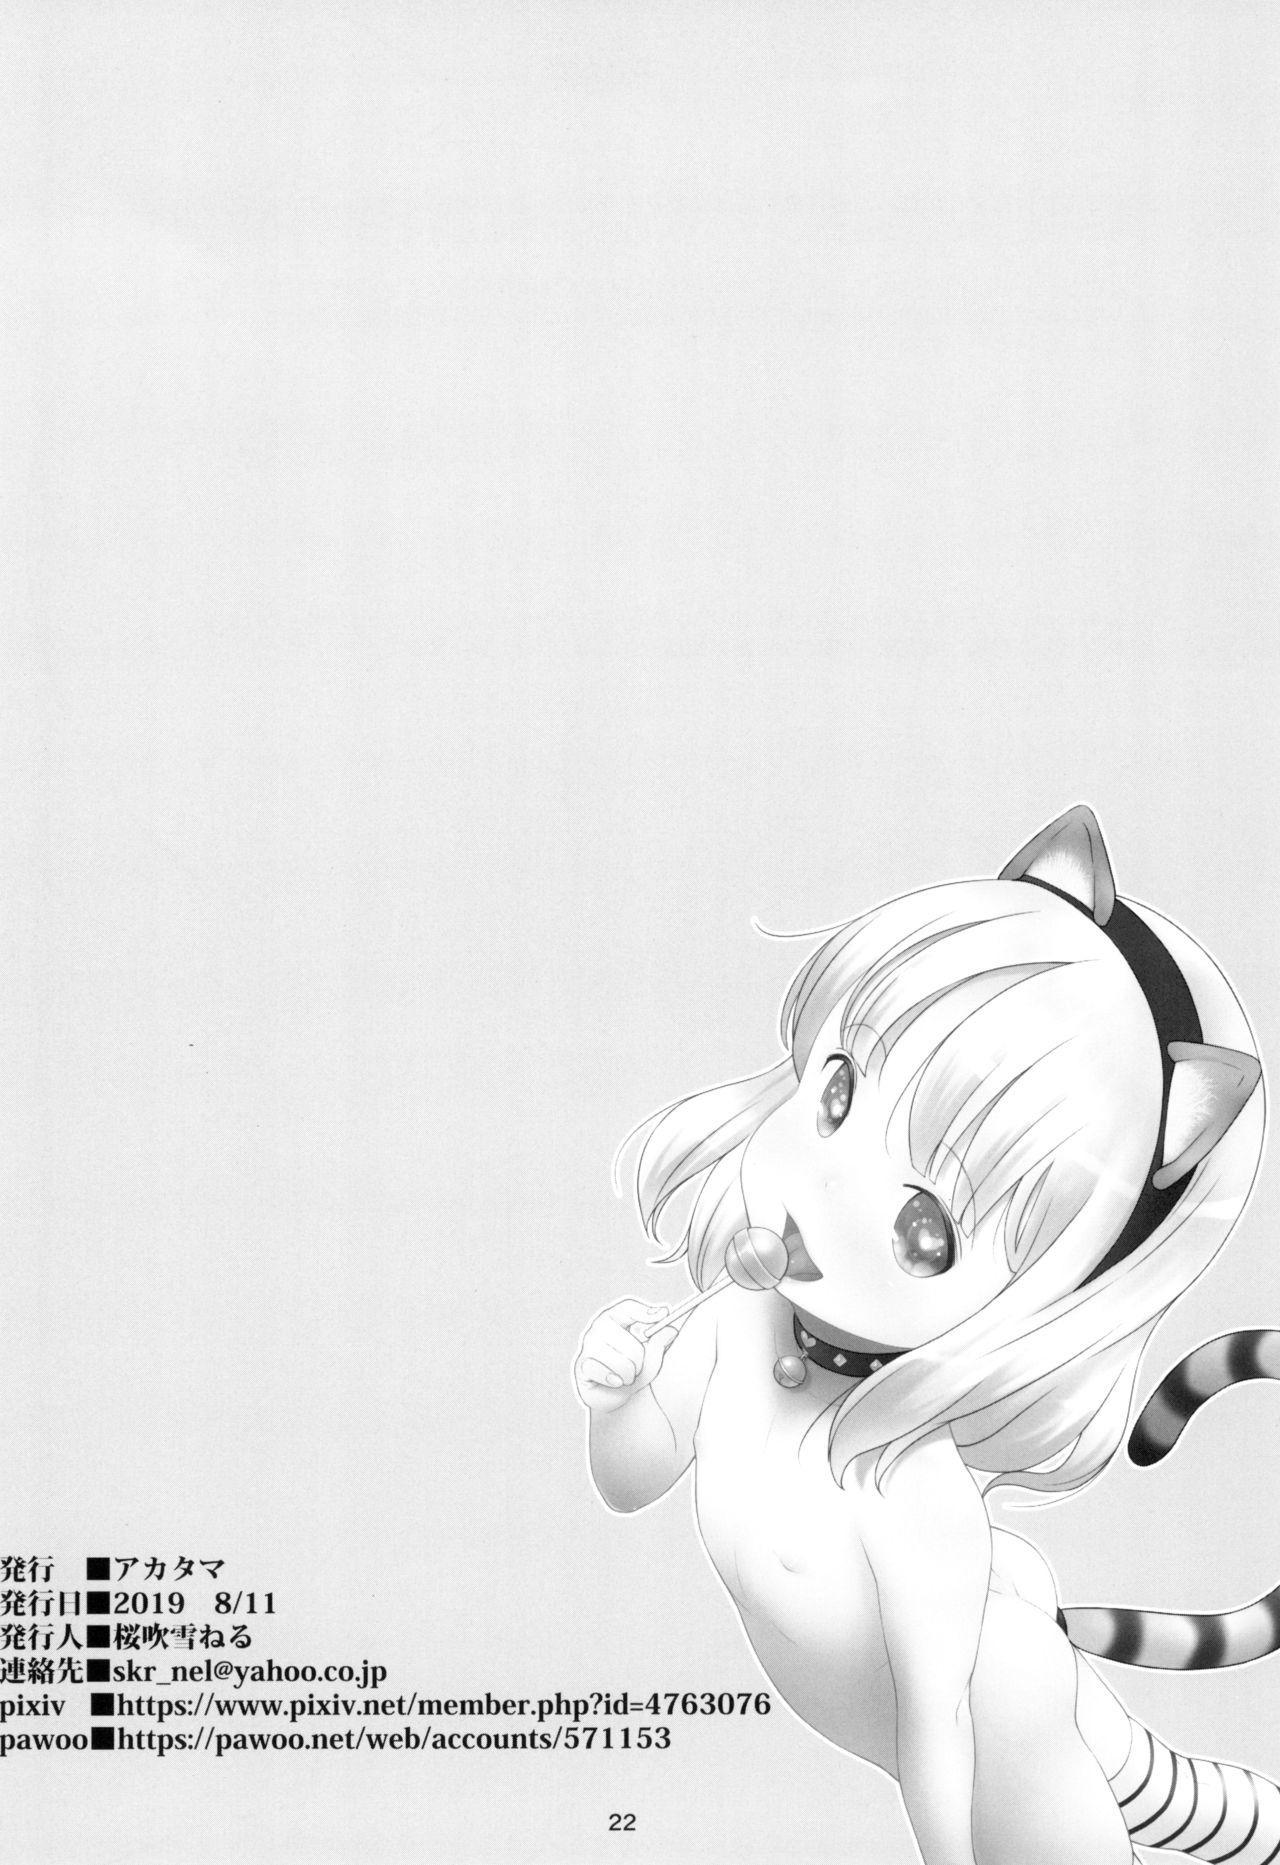 Stray cat 21